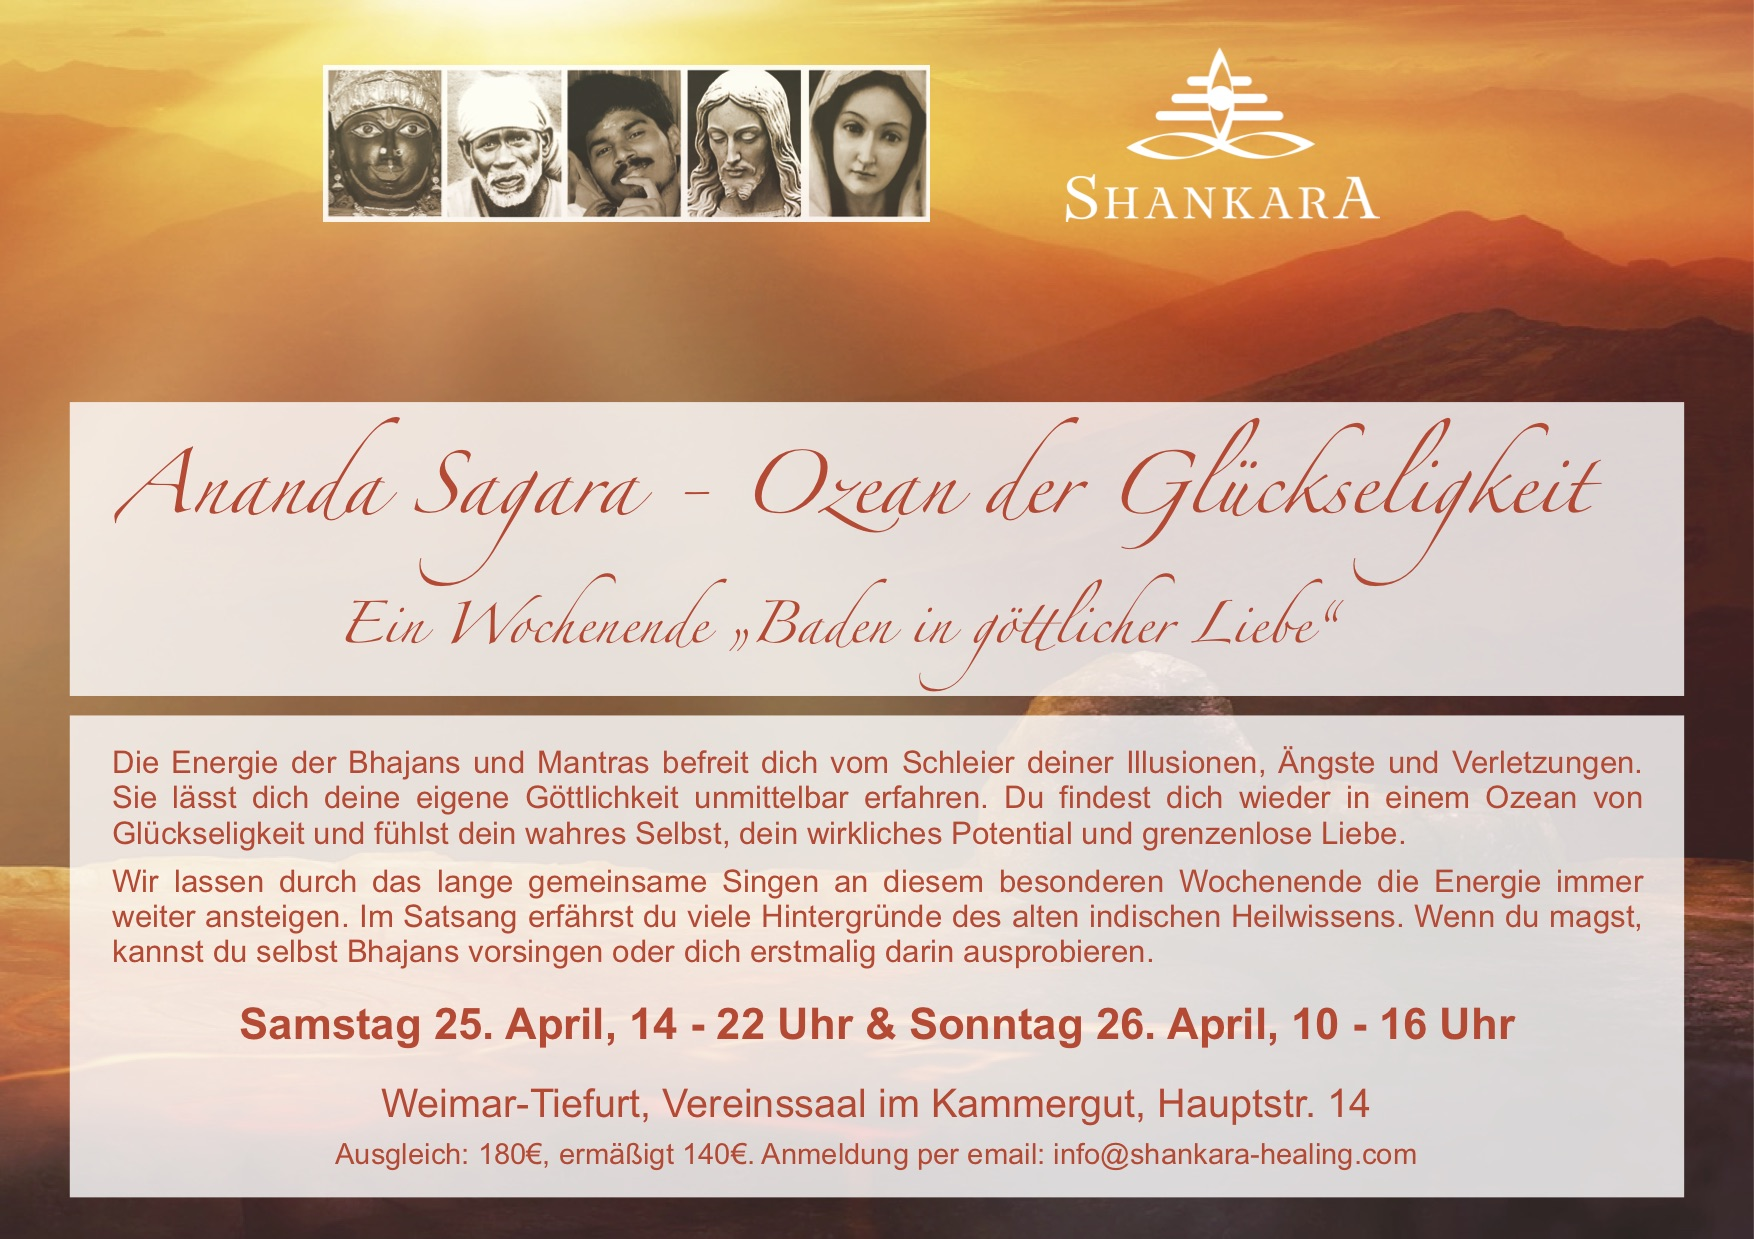 Ananda Sagara - Ozean der Glückseligkeit